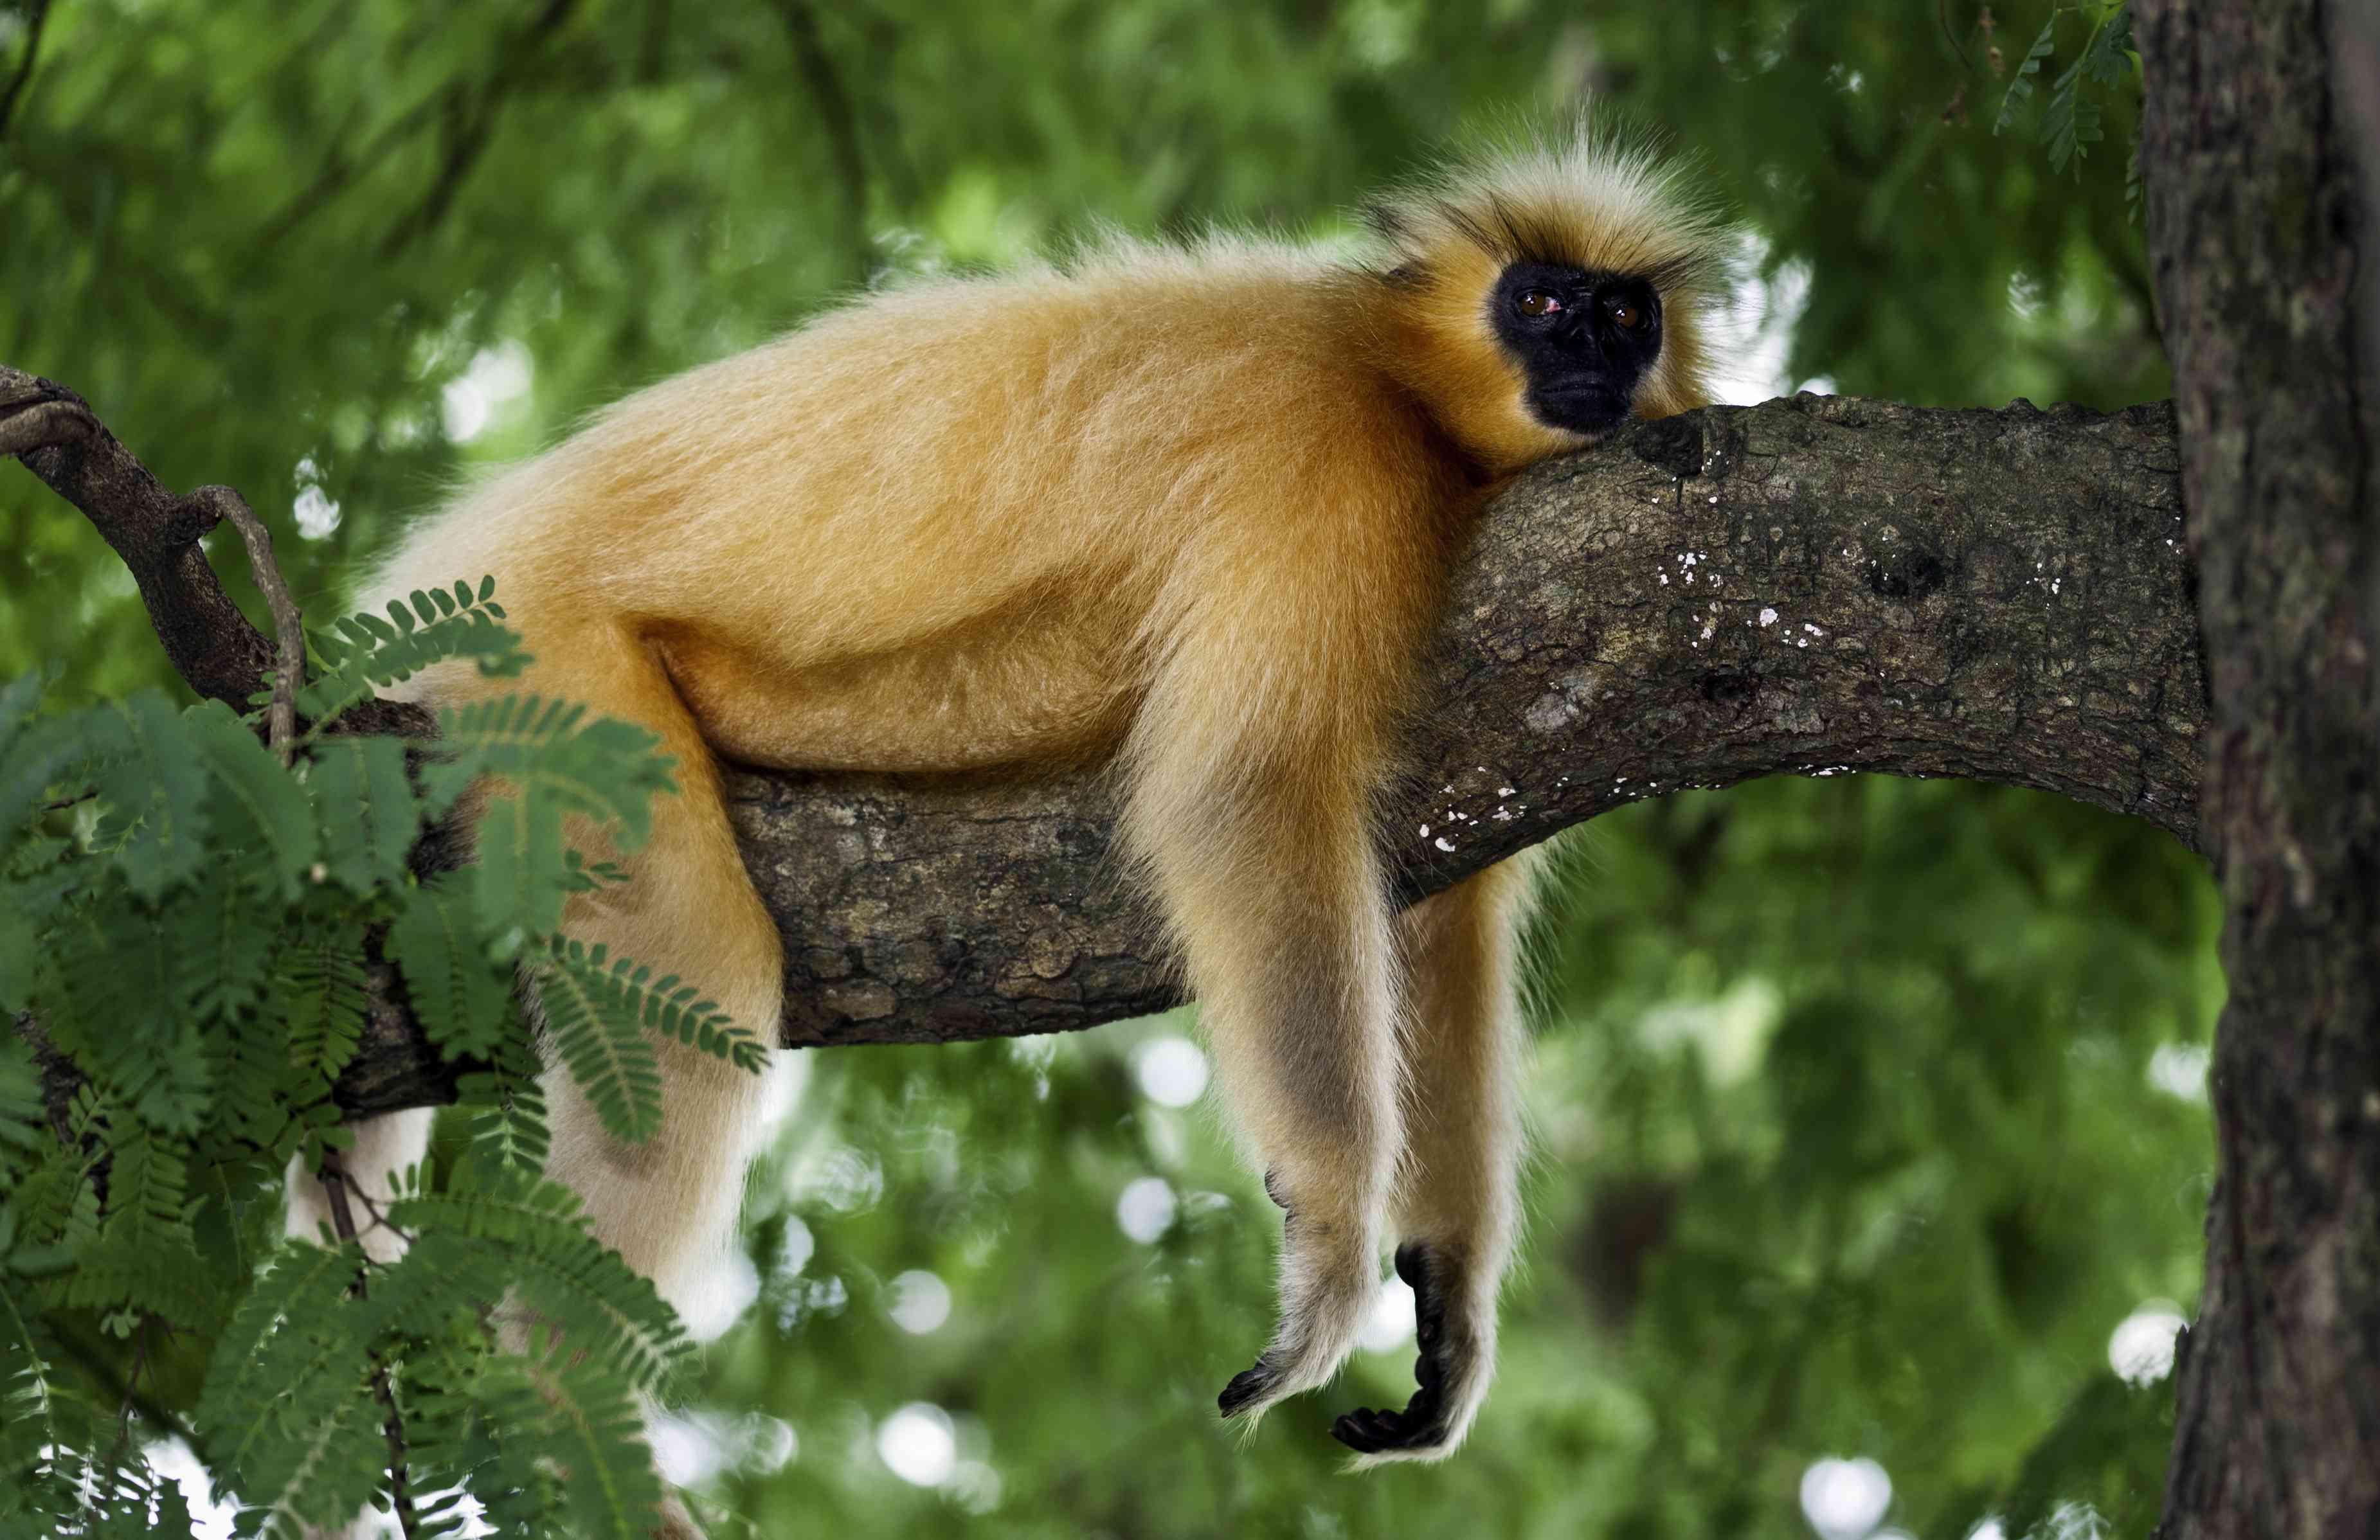 Golden langur monkey draped over tree